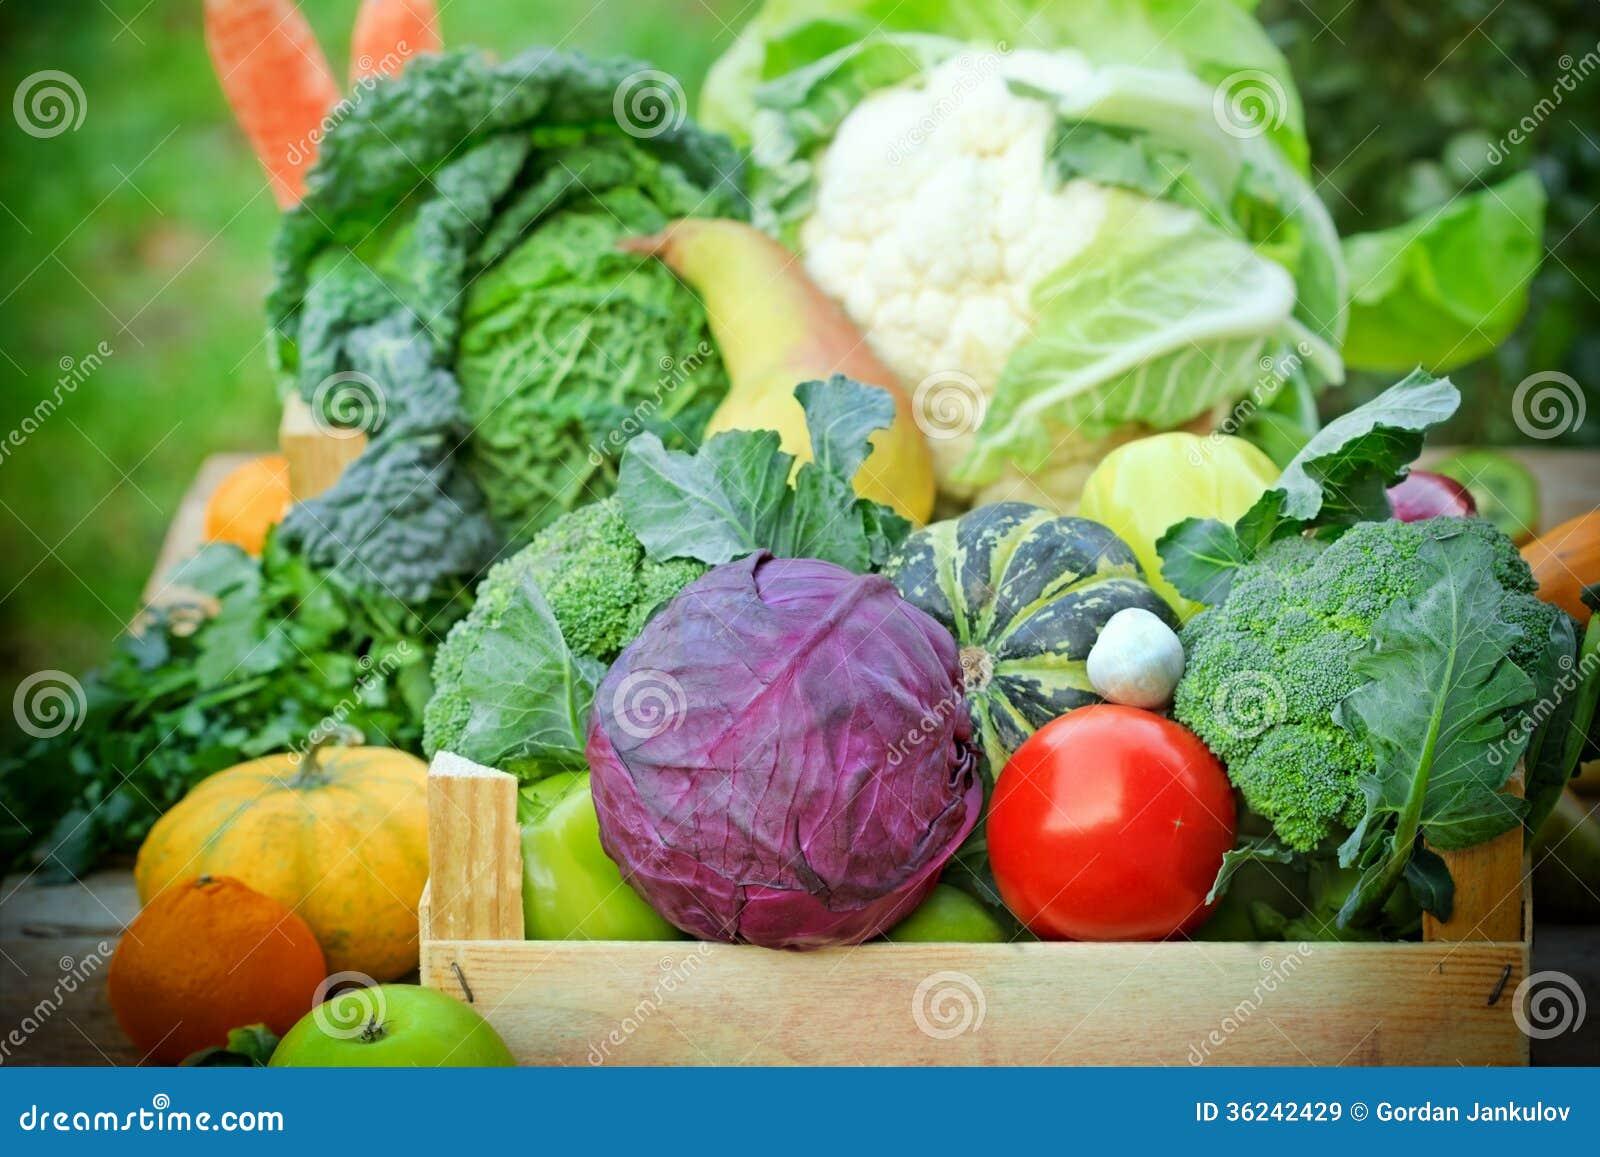 Świeża żywność organiczna